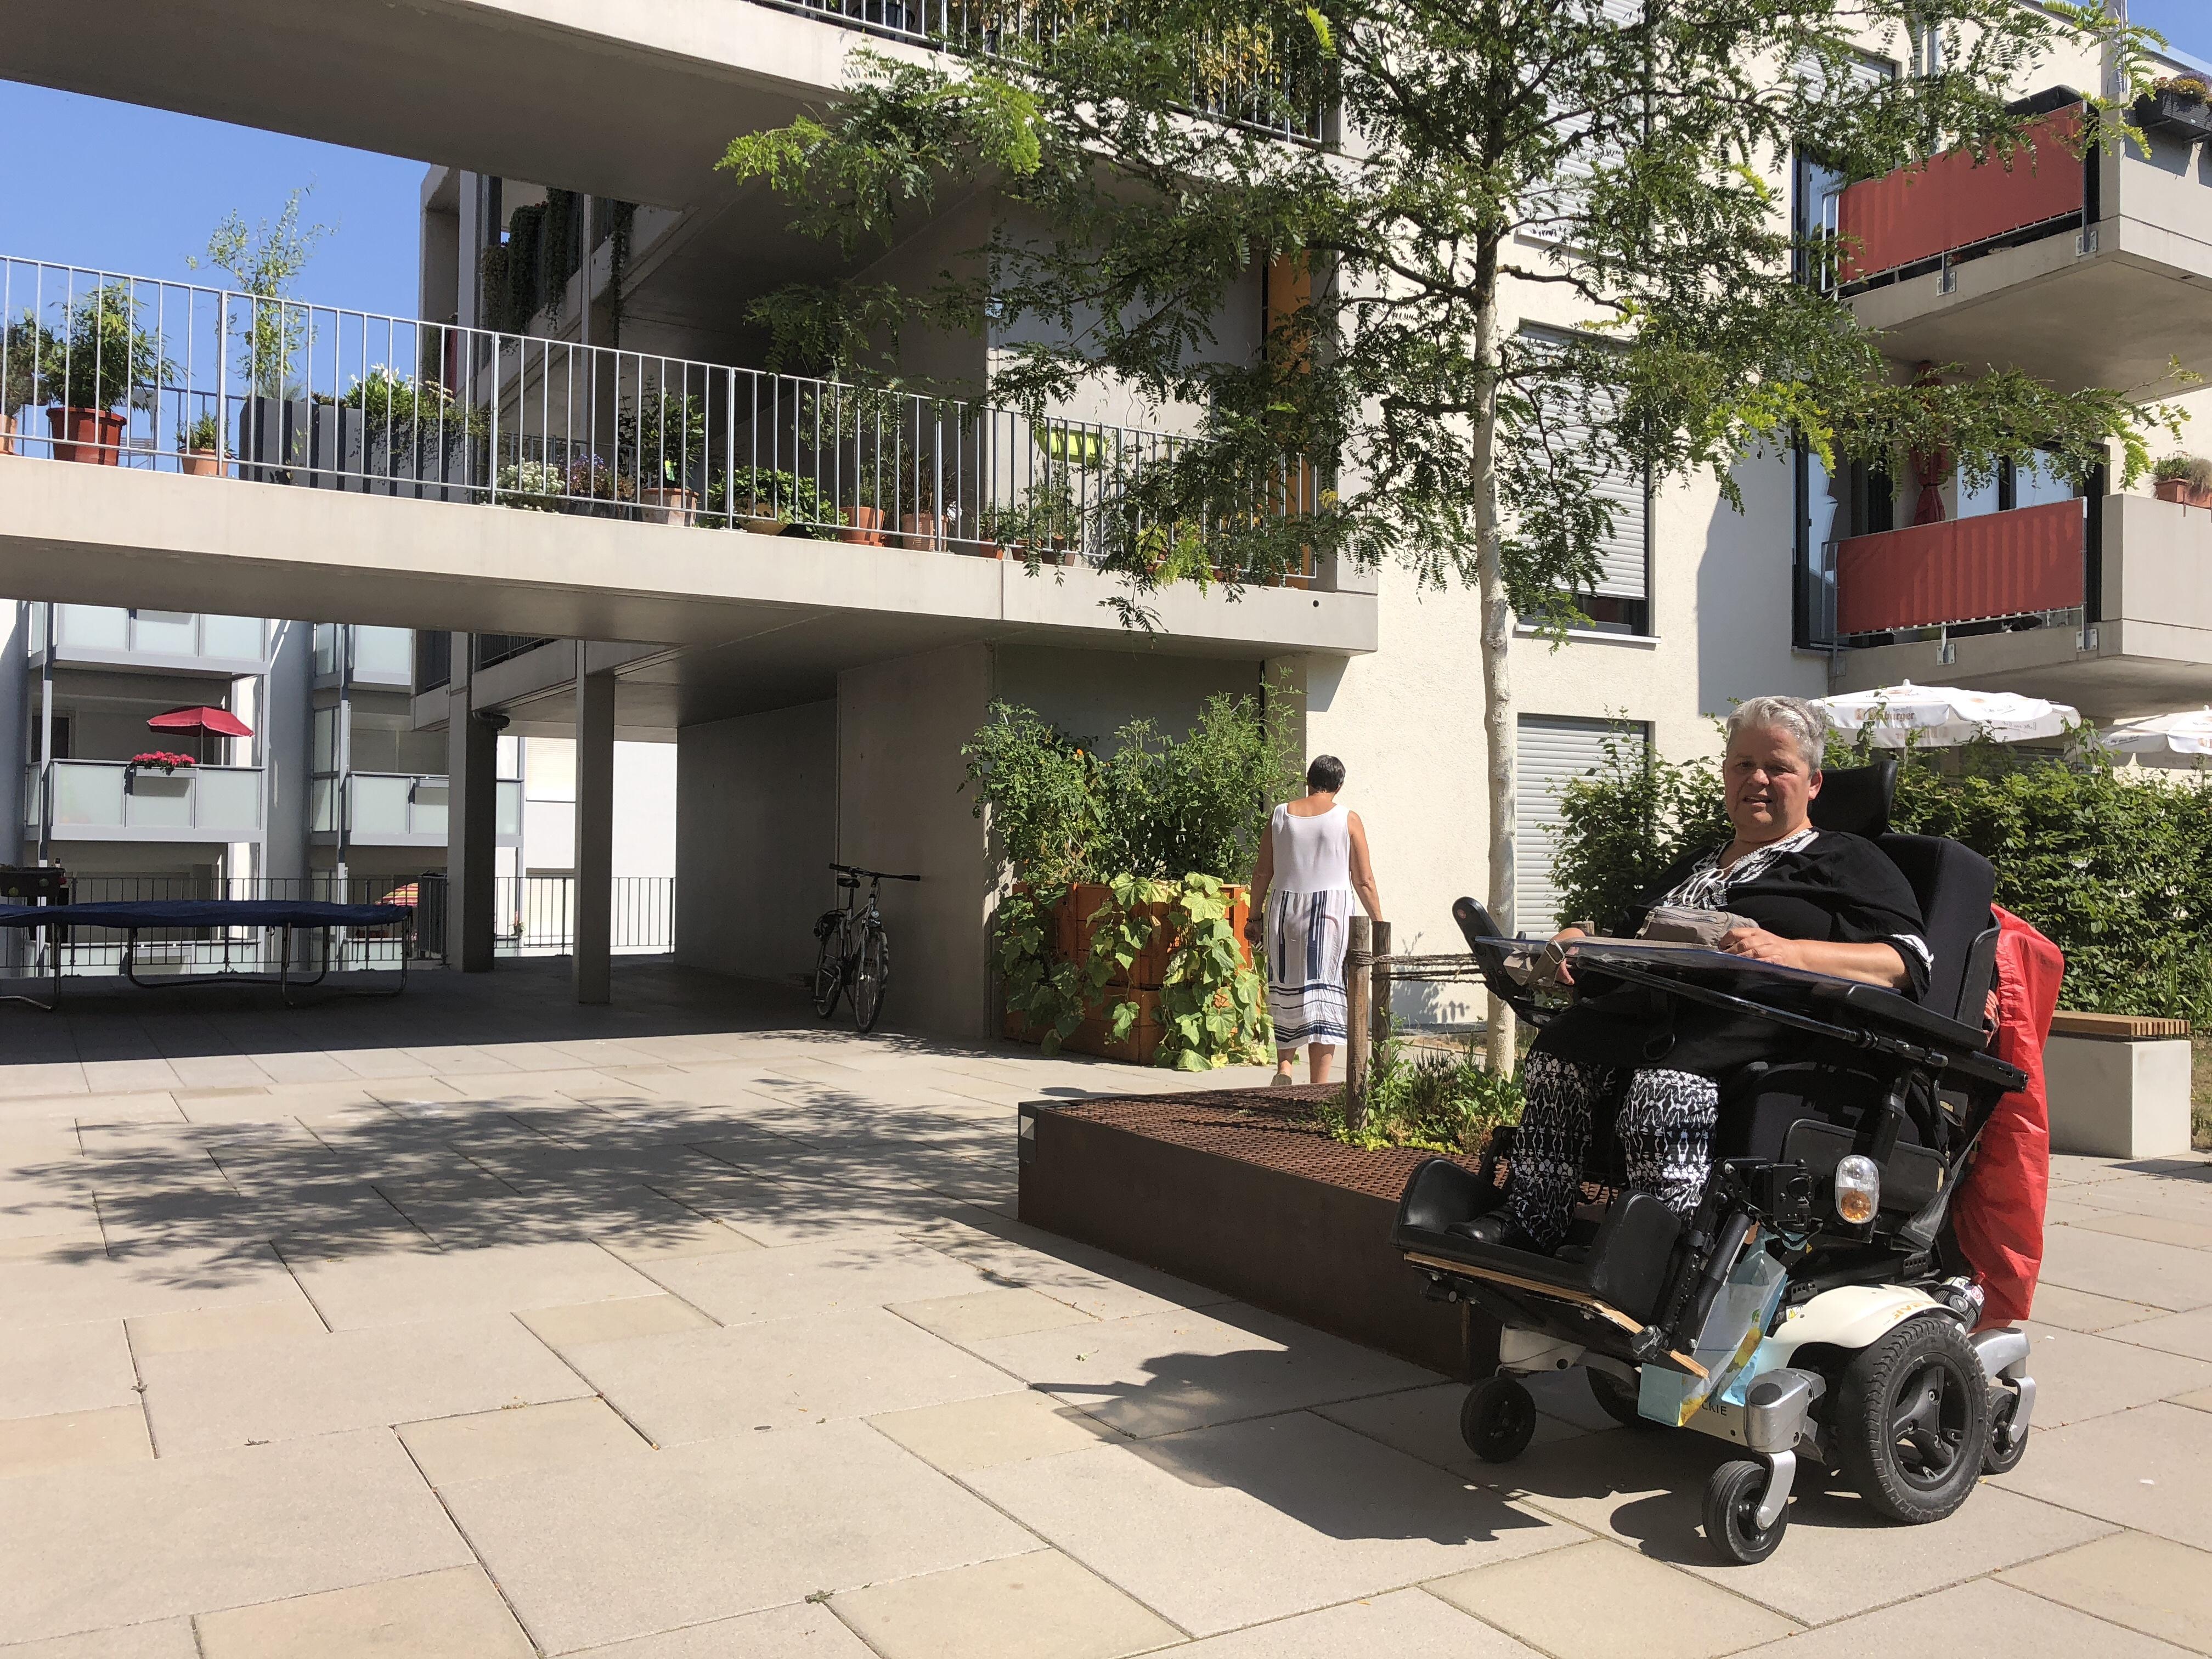 Bewohnerin mit Rollstuhl mit. Außenansicht des Gebäudes